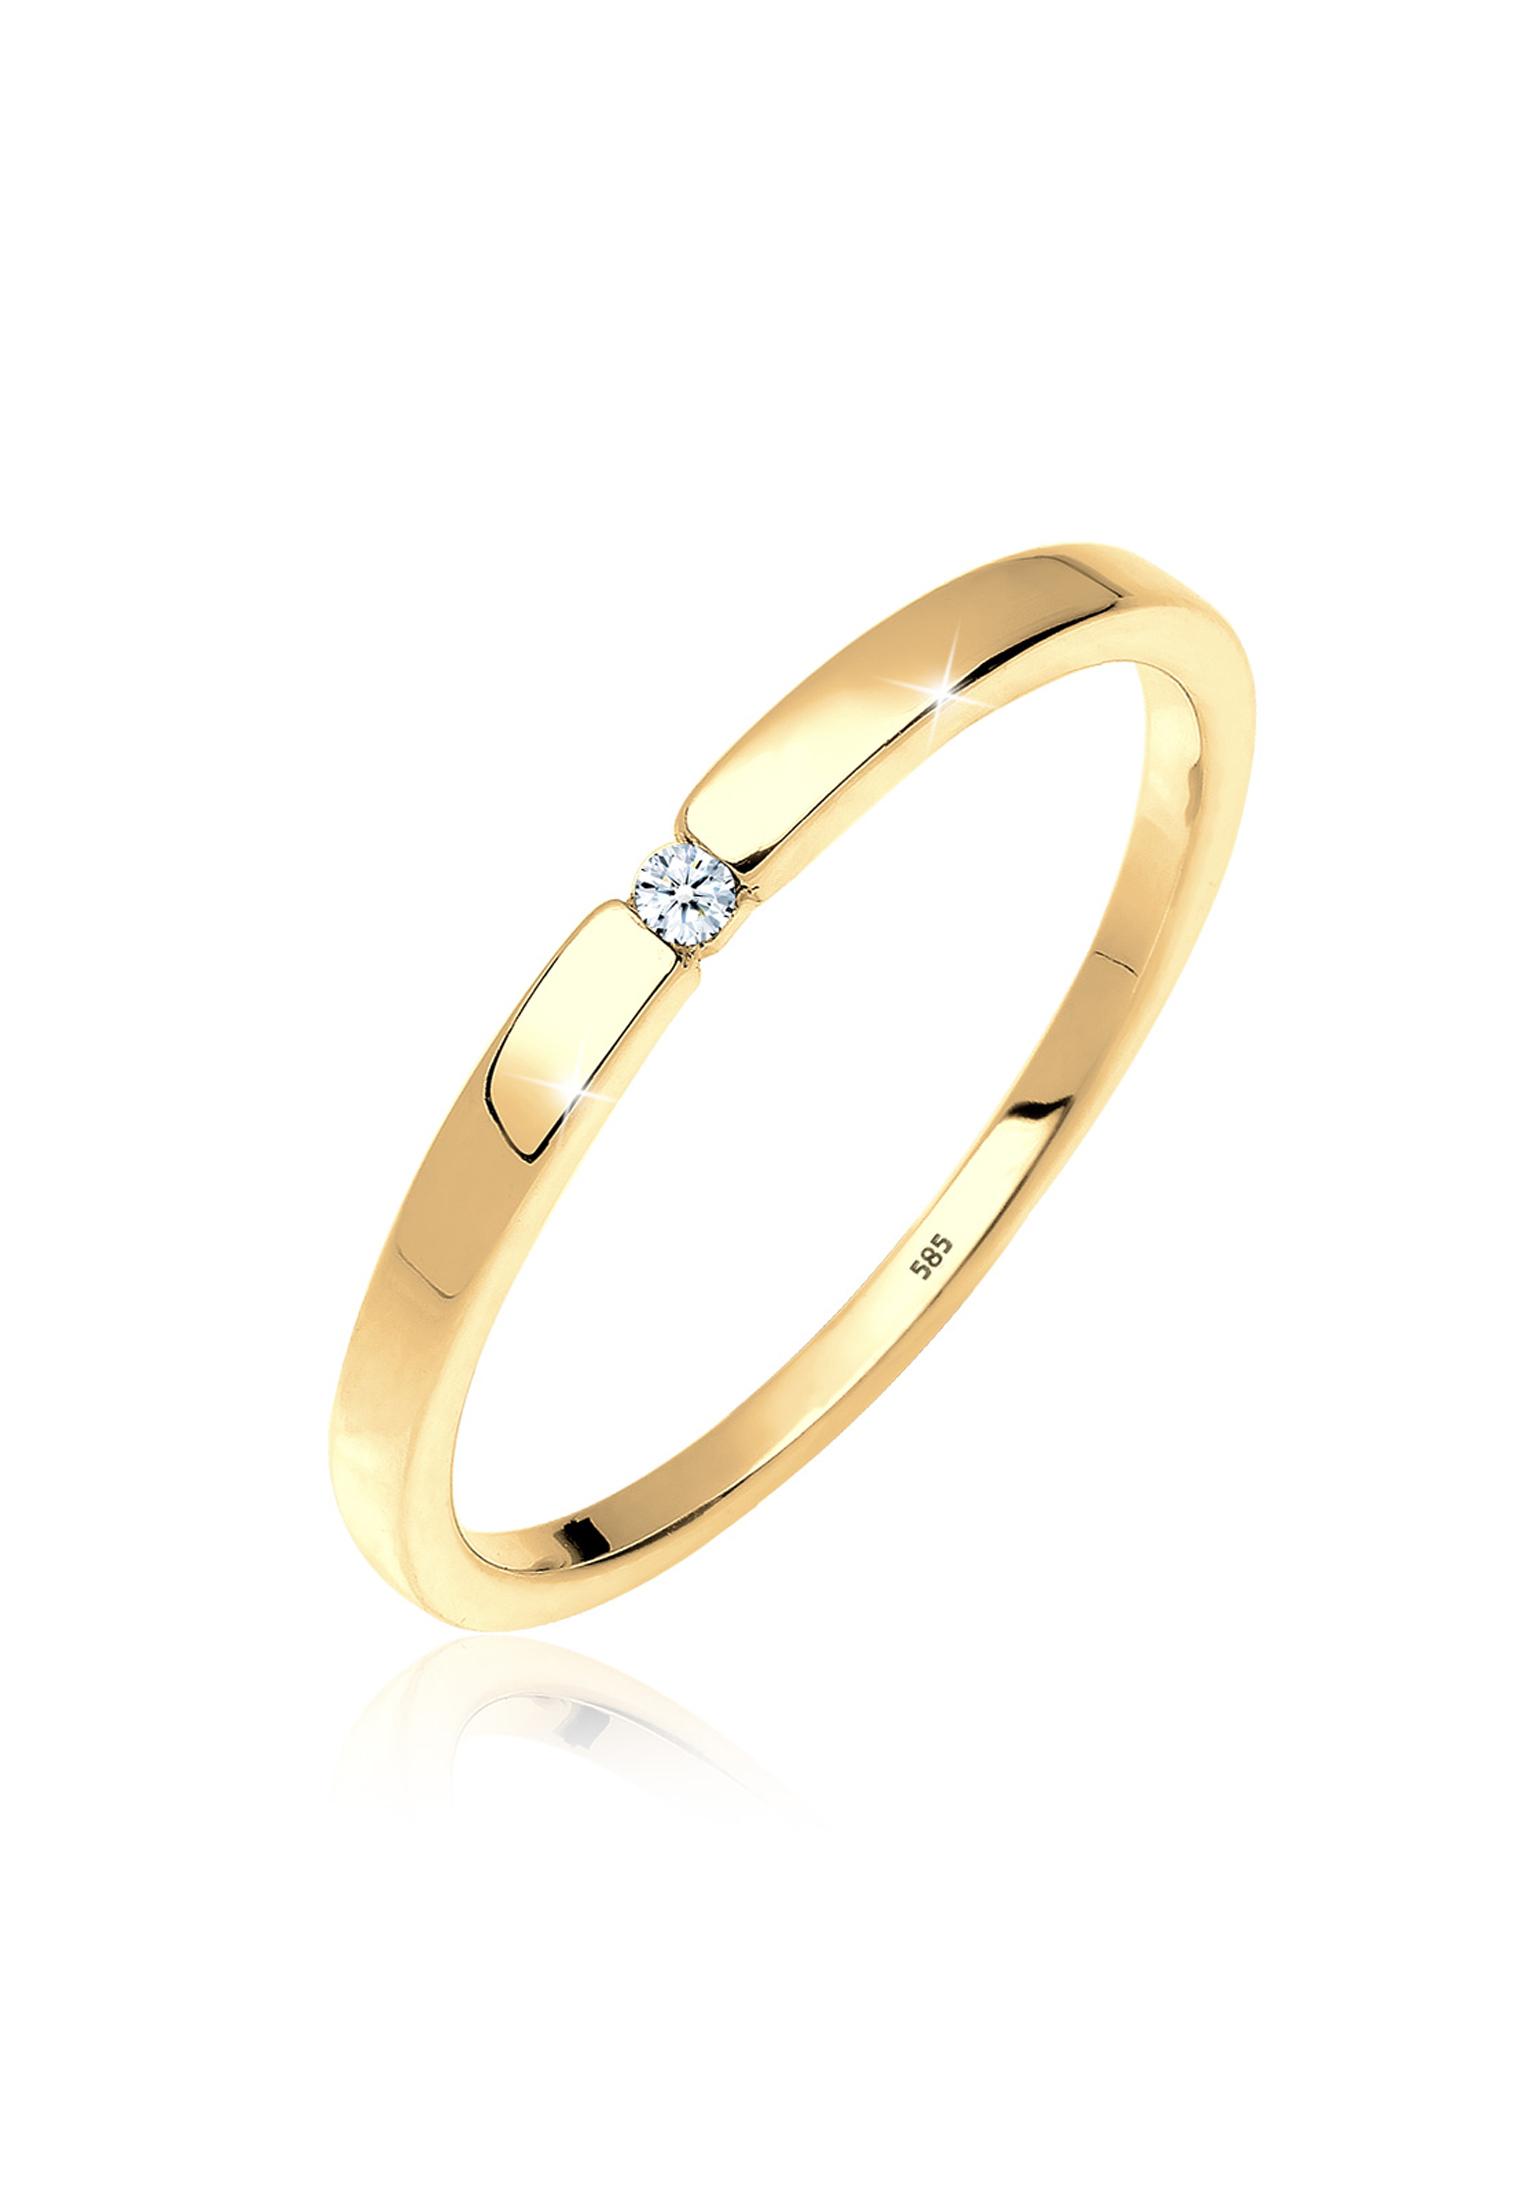 Verlobungsring | Diamant ( Weiß, 0,015 ct ) | 585 Gelbgold